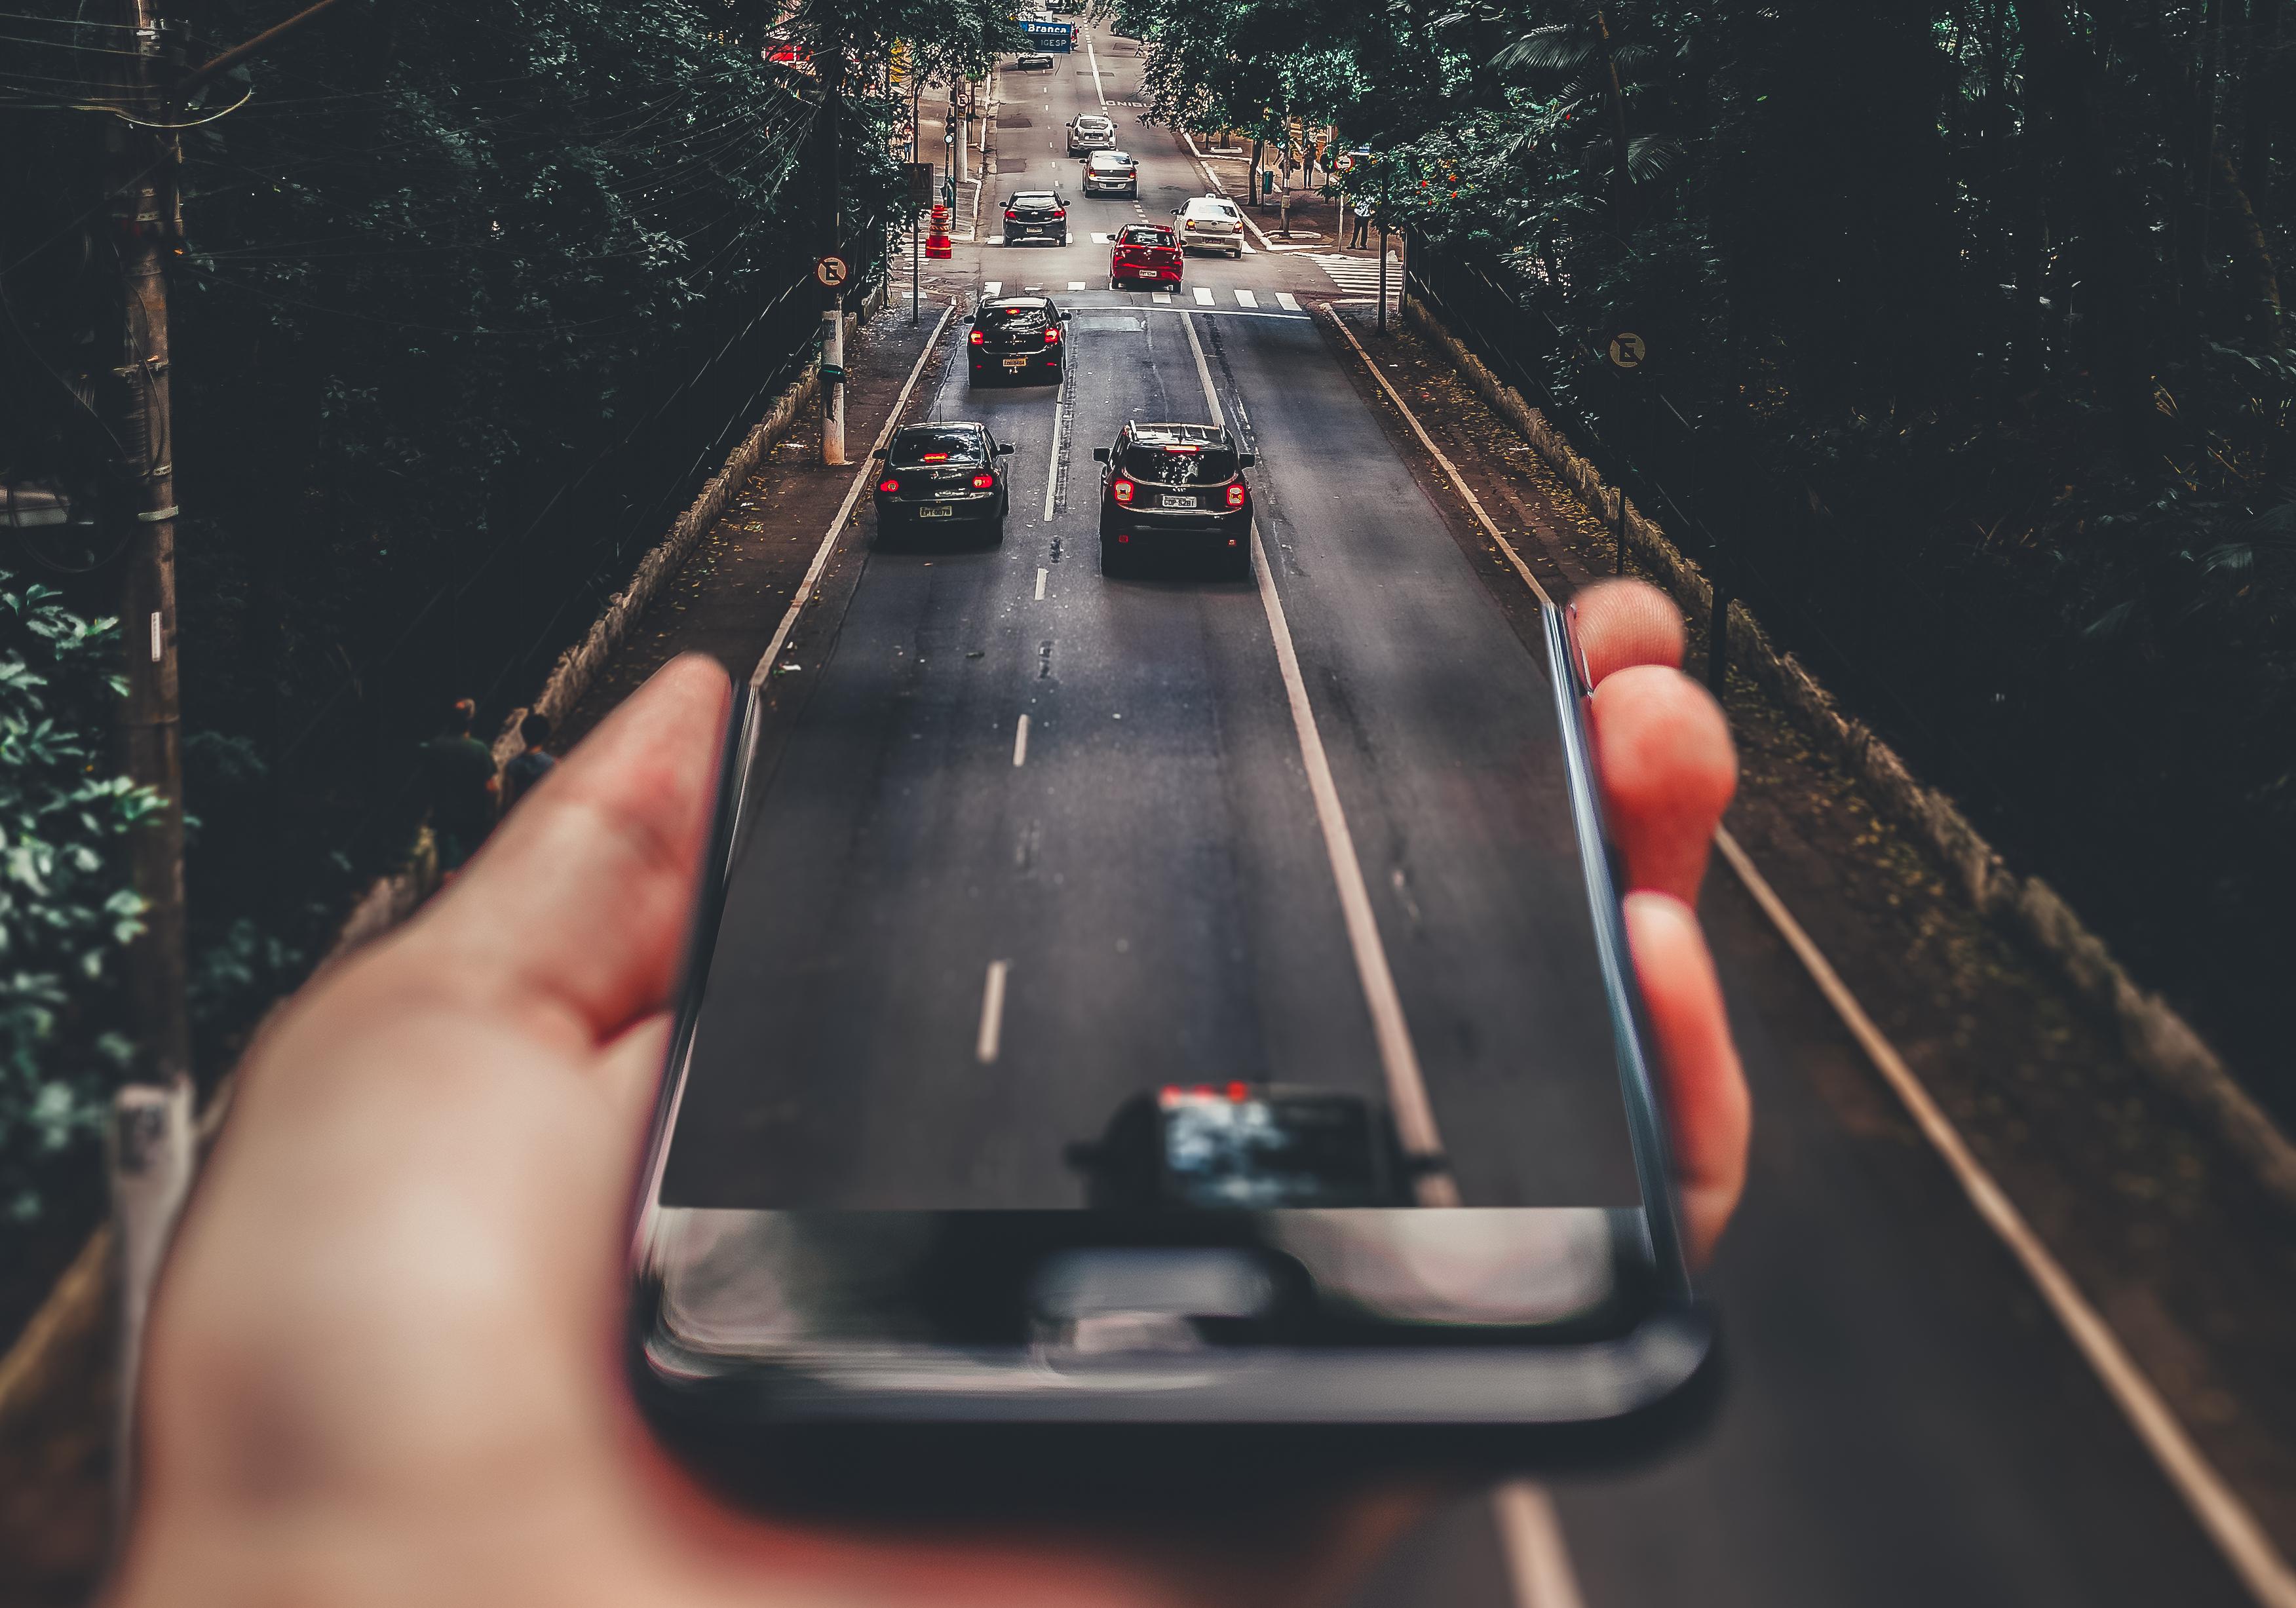 Conduite et téléphone, attention sur la route